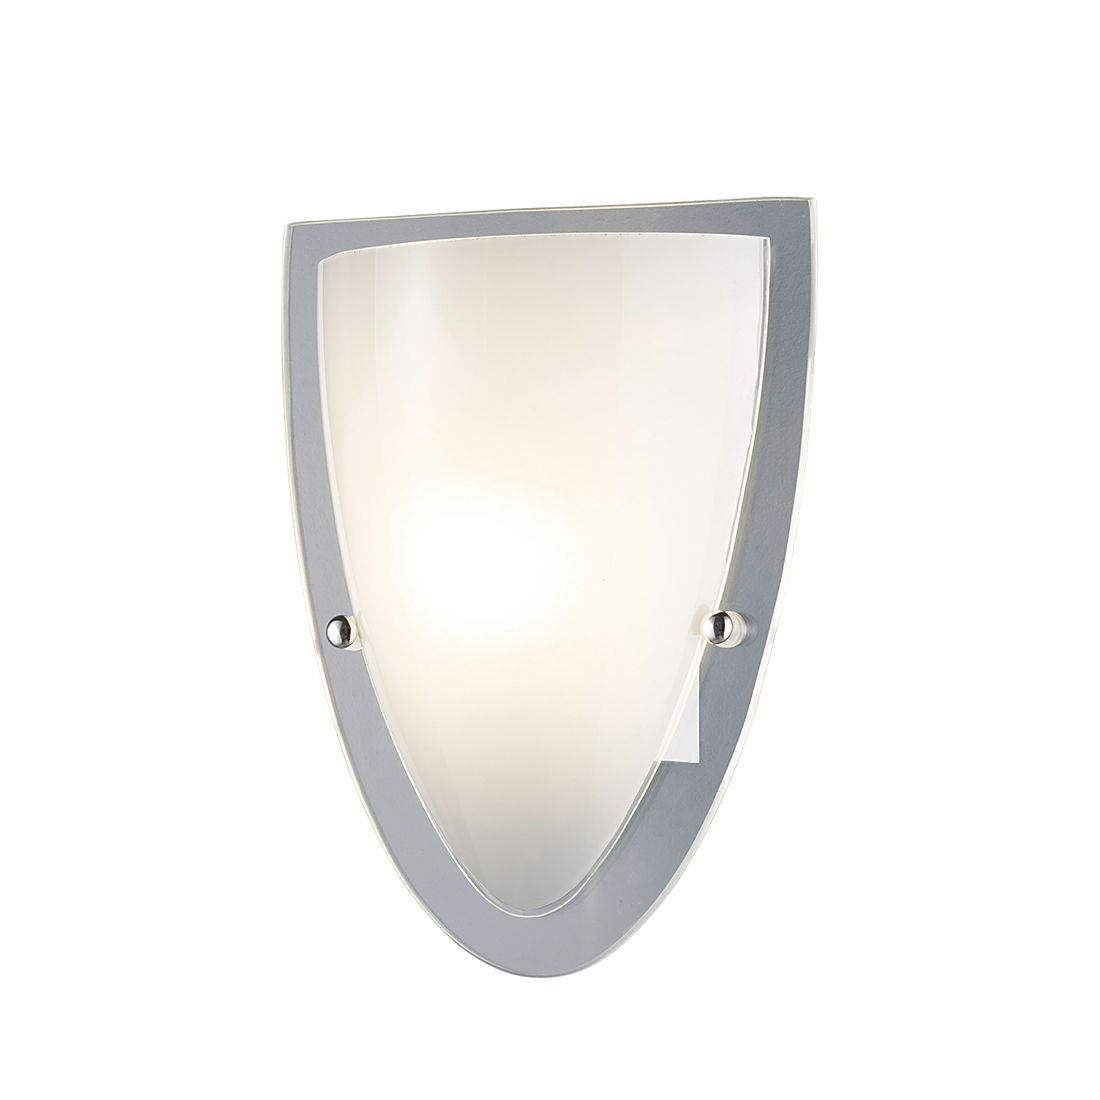 LED-Wandleuchte – Chrom – 1×5 W, Trio günstig bestellen